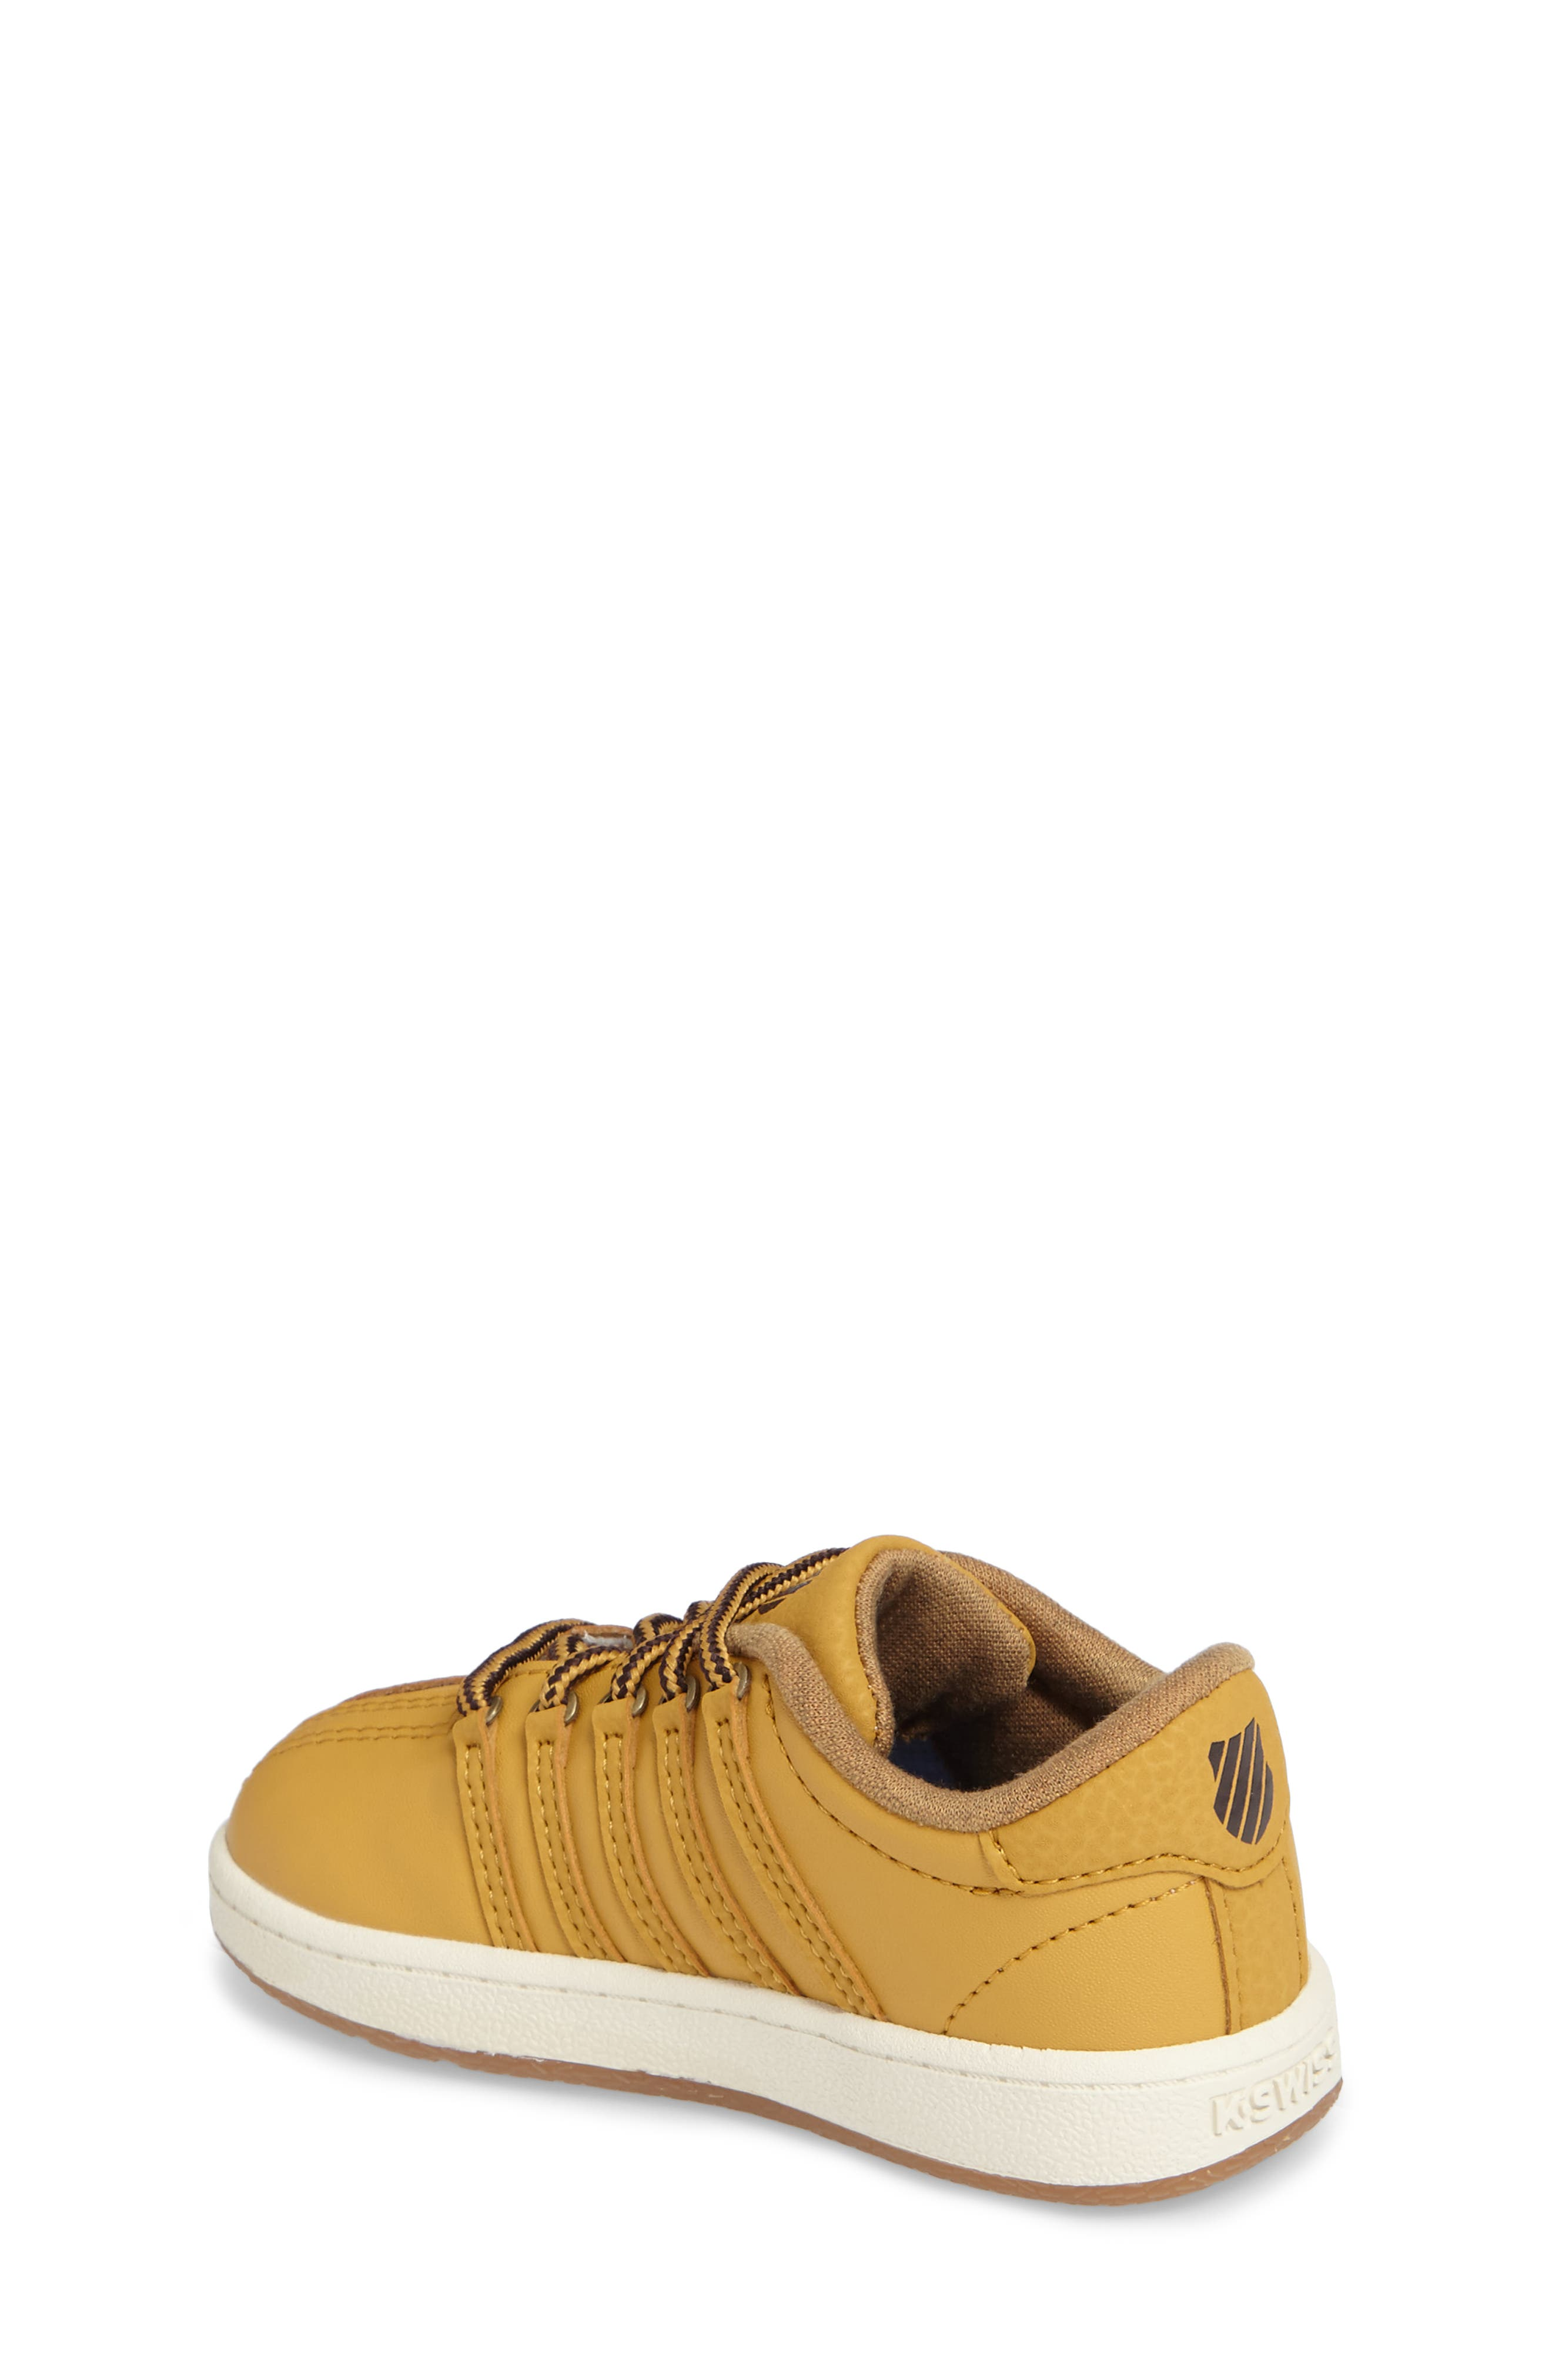 Alternate Image 2  - K-Swiss Classic VN Sneaker (Baby, Walker & Toddler)